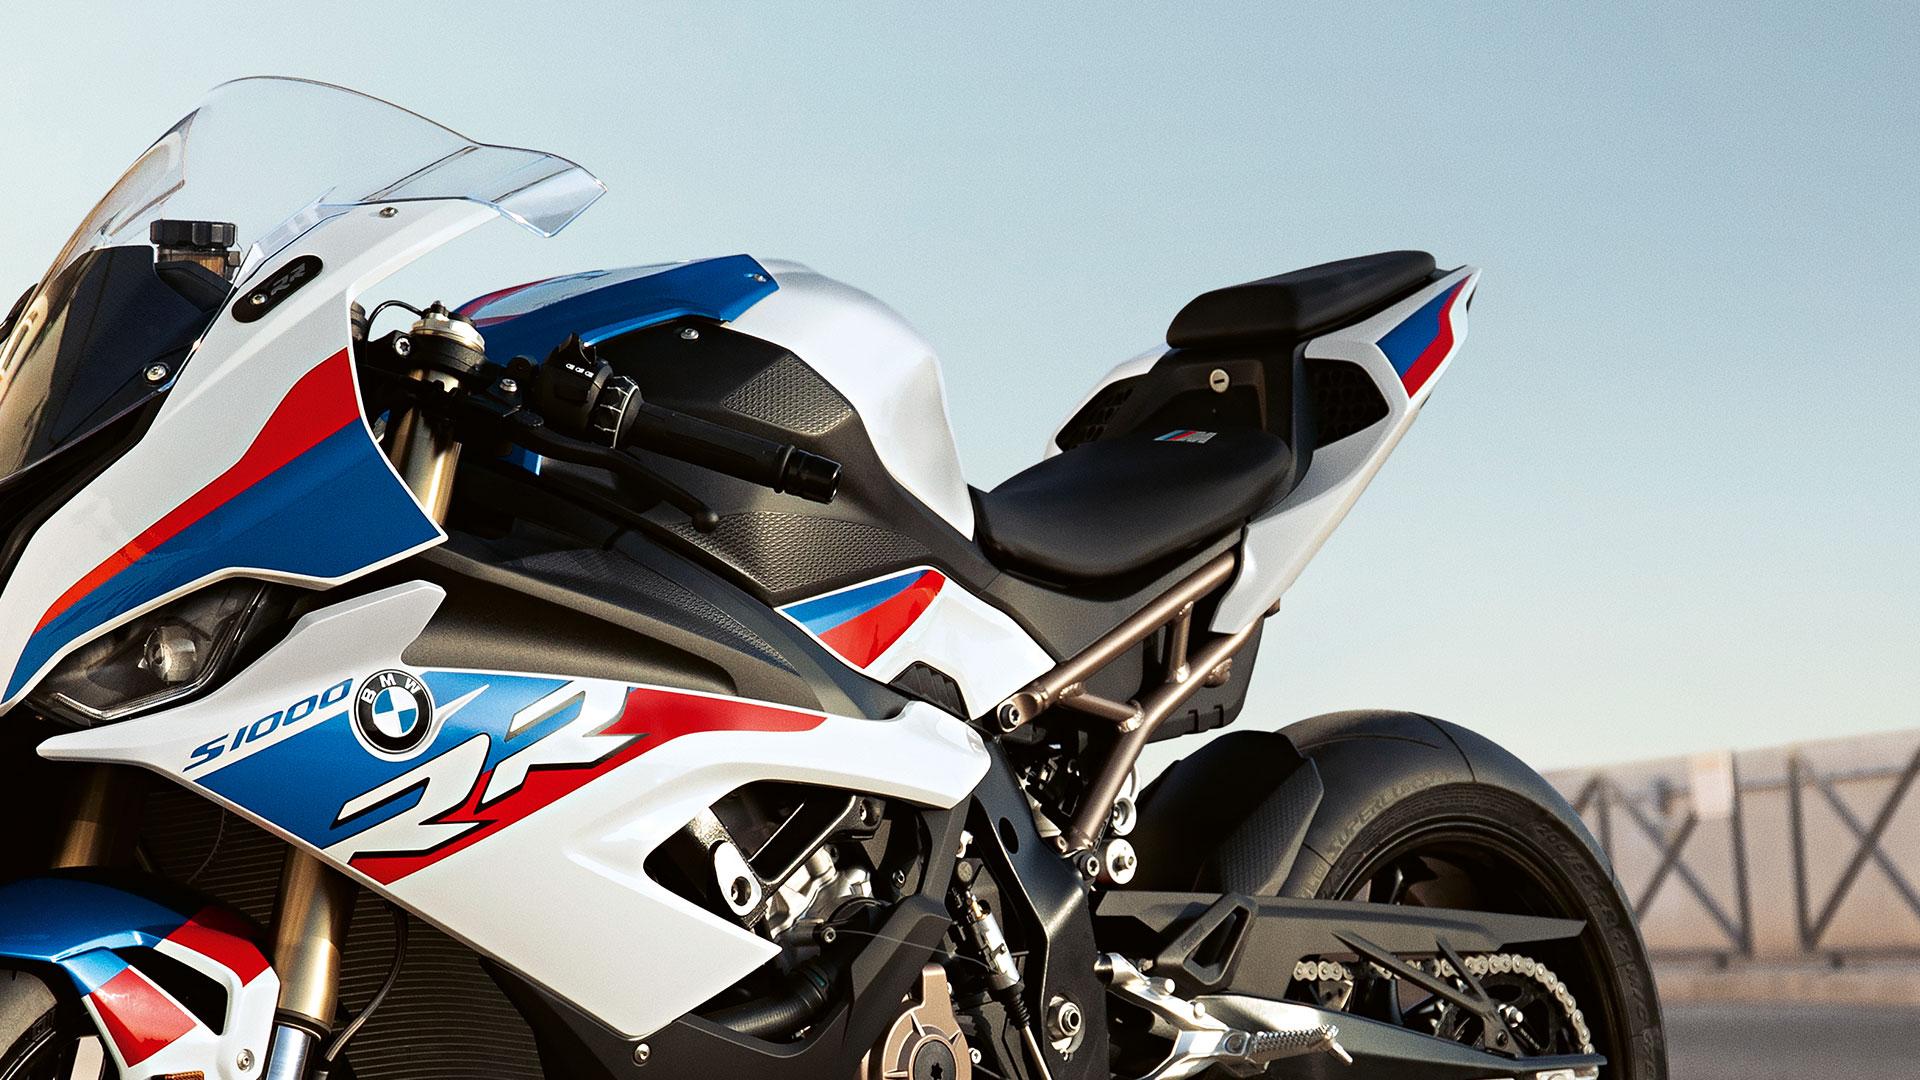 Bmw S 1000 Rr 2019 La Superbike Aux Forces Indomptables